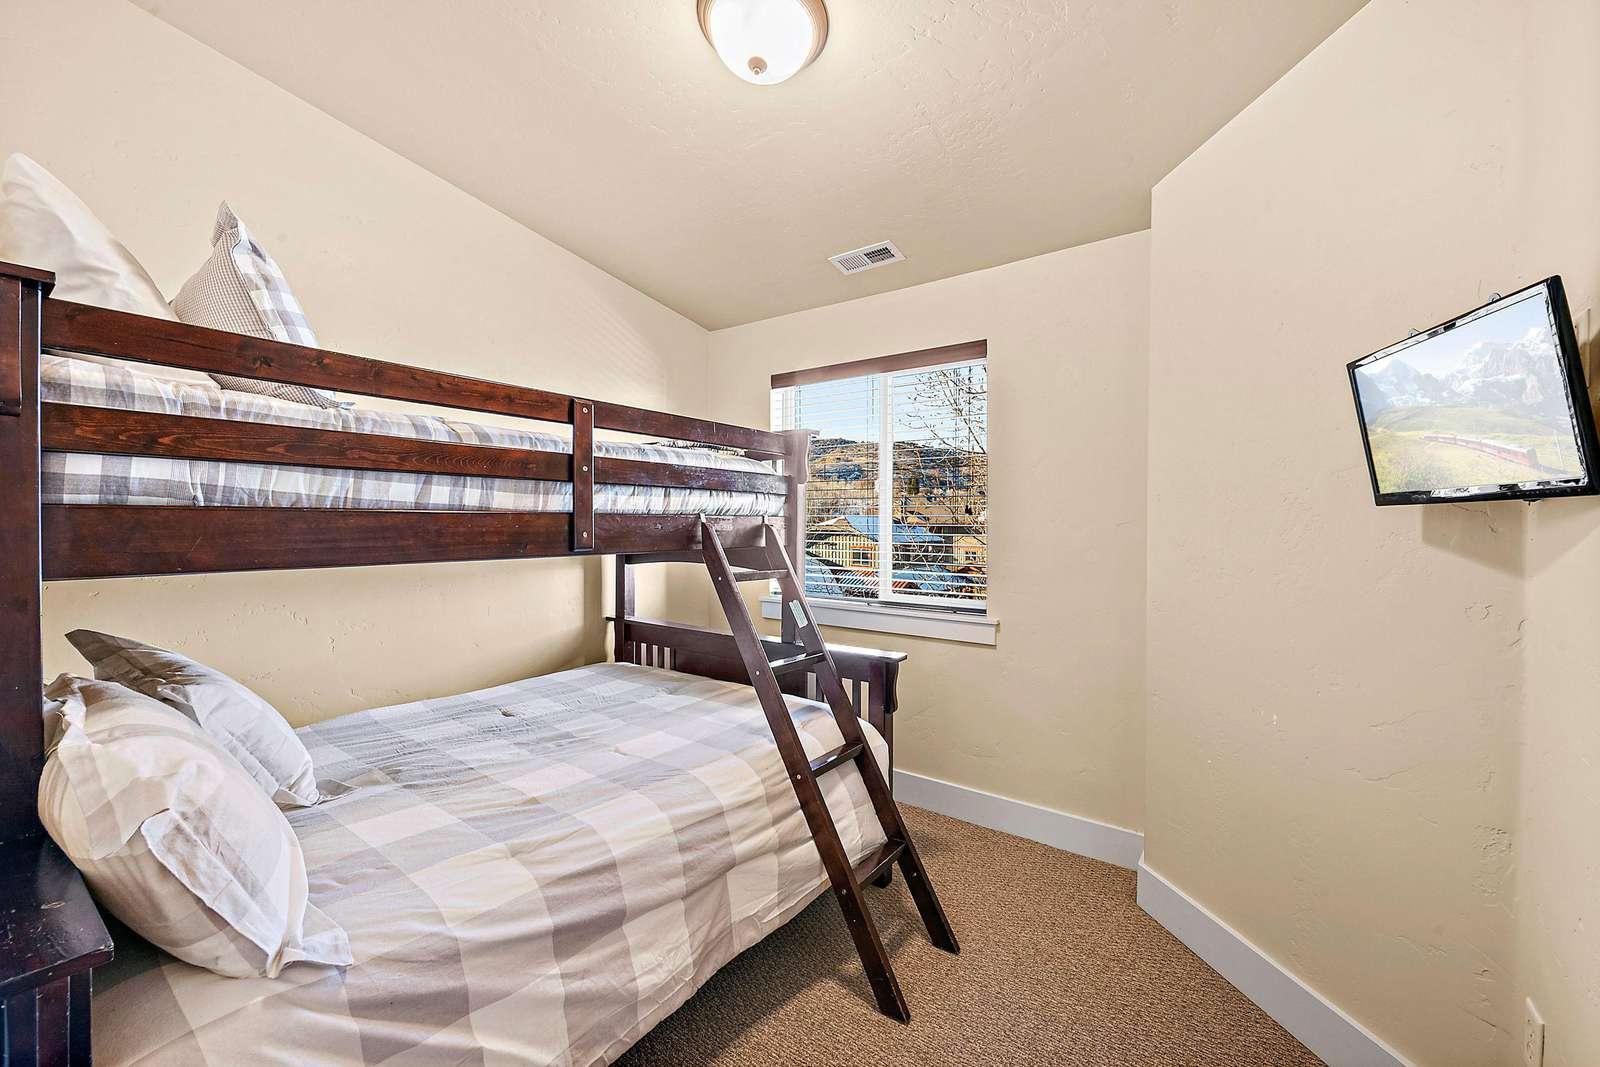 Top floor guest bedroom with twin over full bunkbed